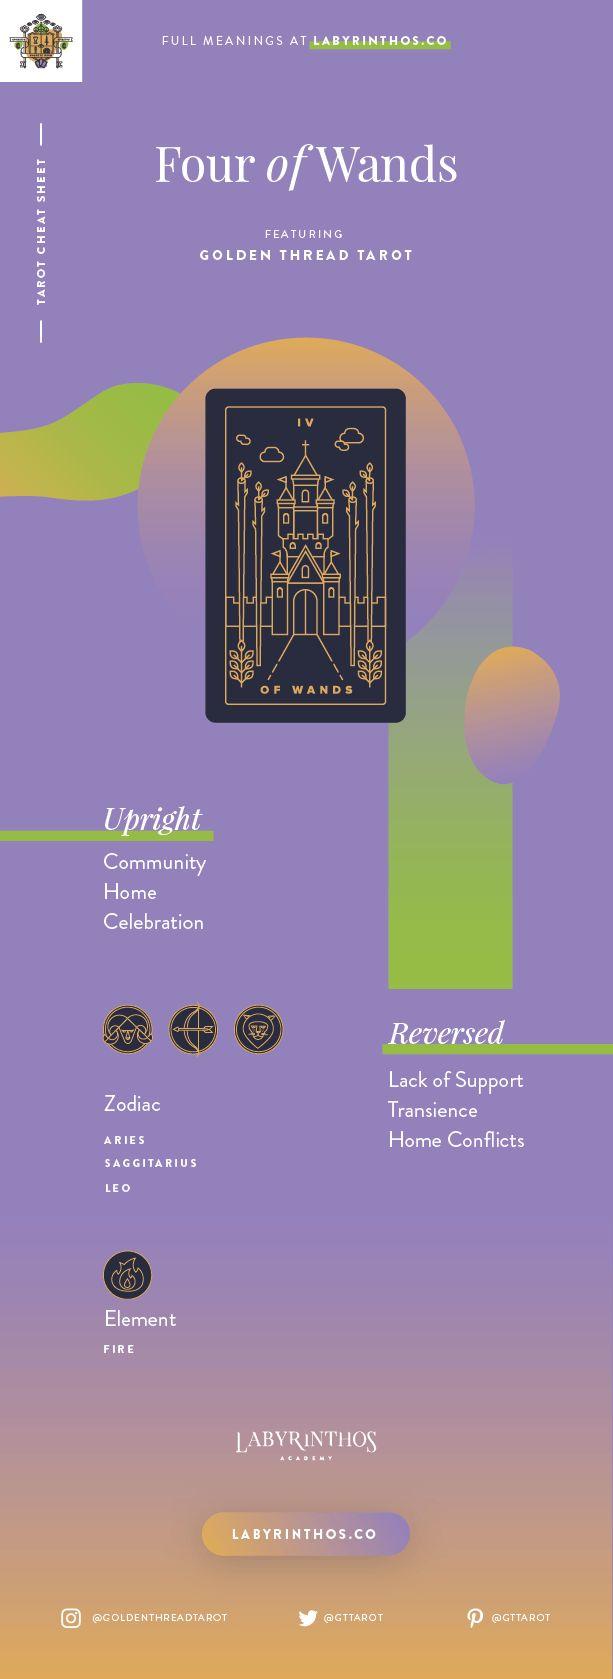 Four of Wands Meaning - Tarot Card Meanings Cheat Sheet. Art from Golden Thread Tarot.